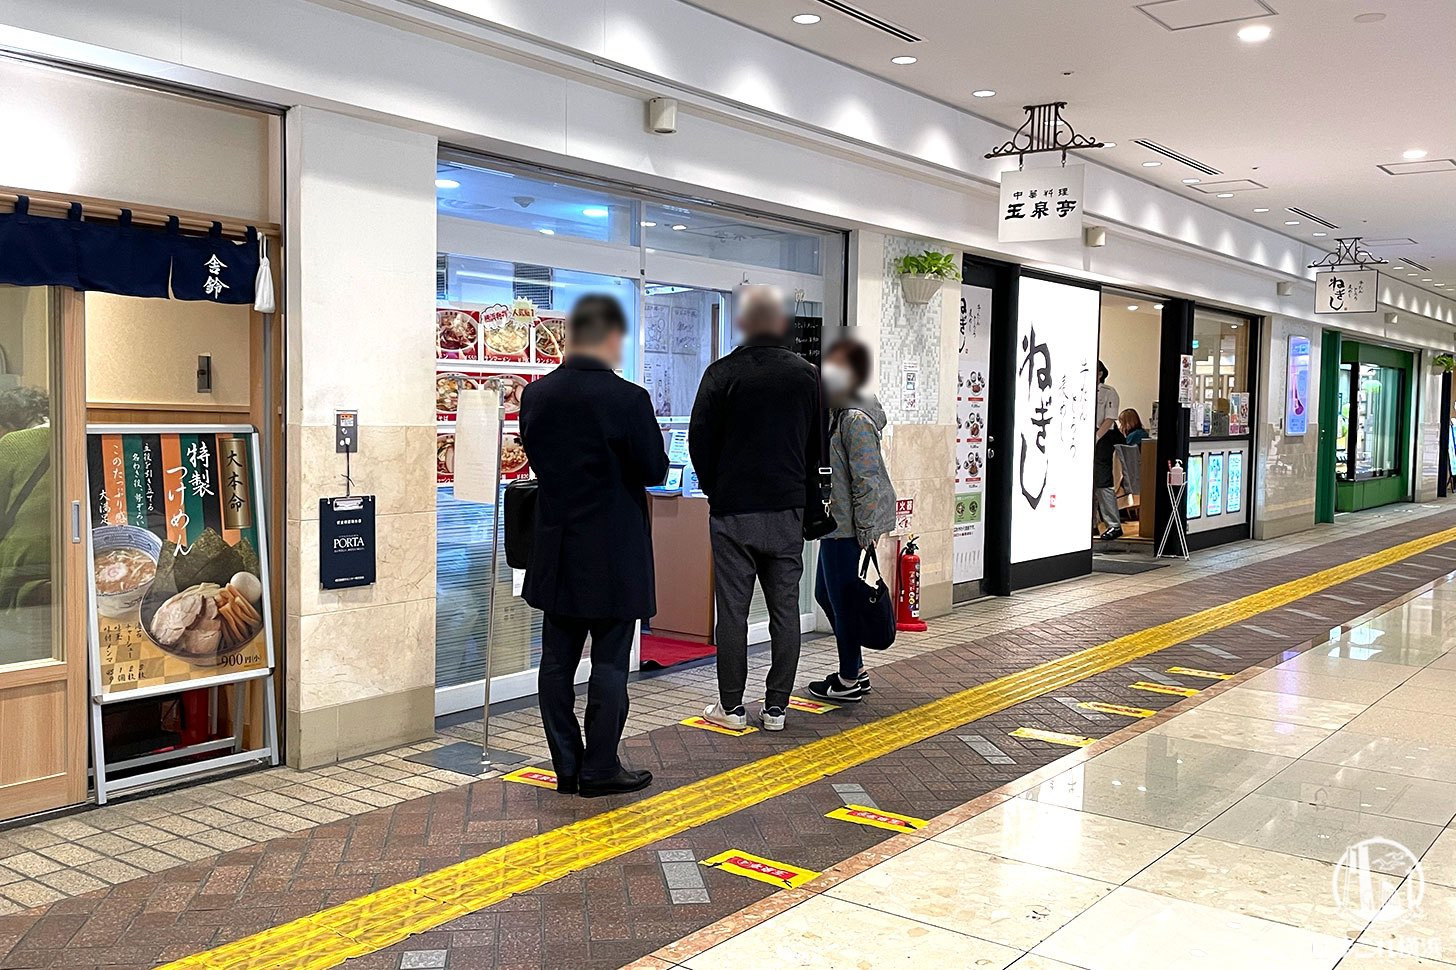 玉泉亭(ぎょくせんてい)横浜ポルタ 外観・入口